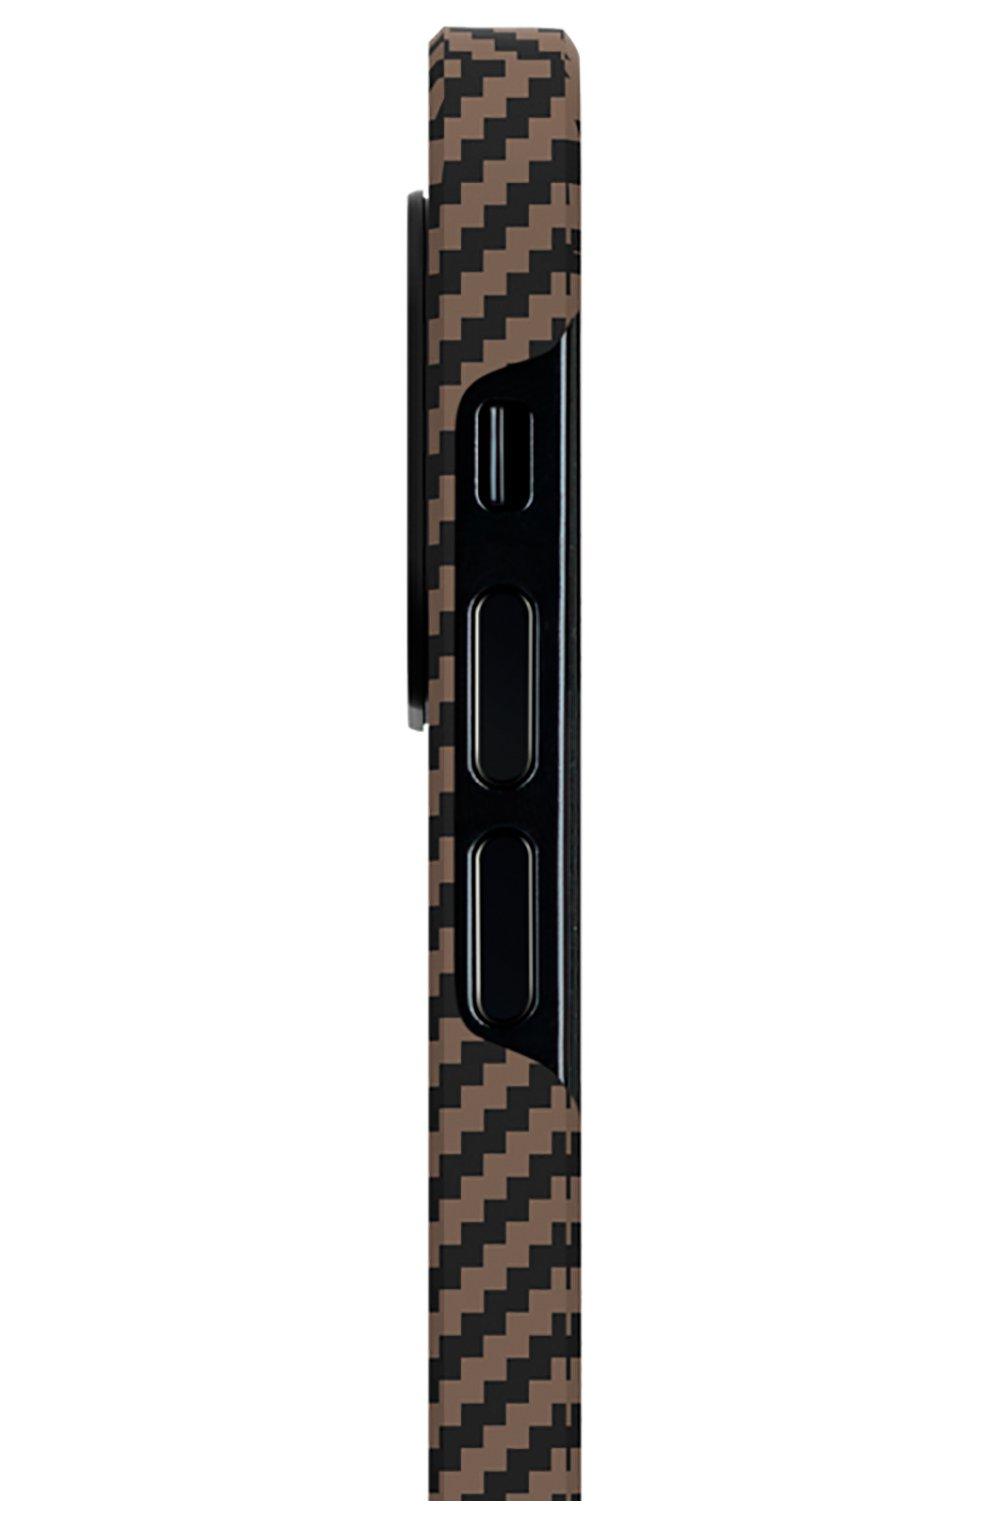 Чехол magez для iphone 12 mini PITAKA коричневого цвета, арт. KI1206 | Фото 2